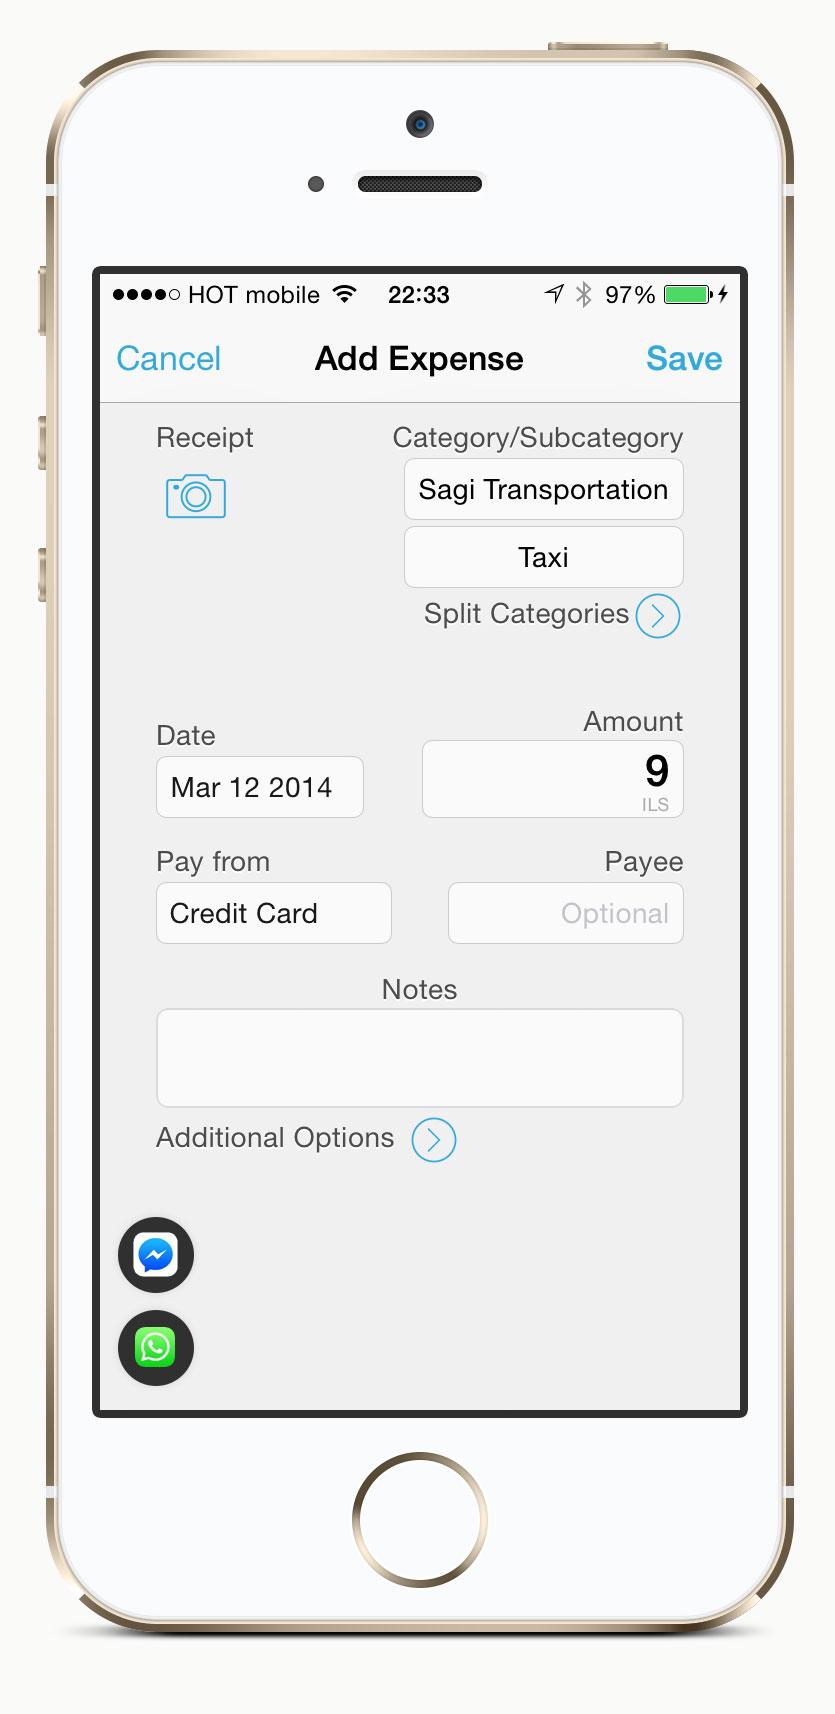 App screen zen not concept2items